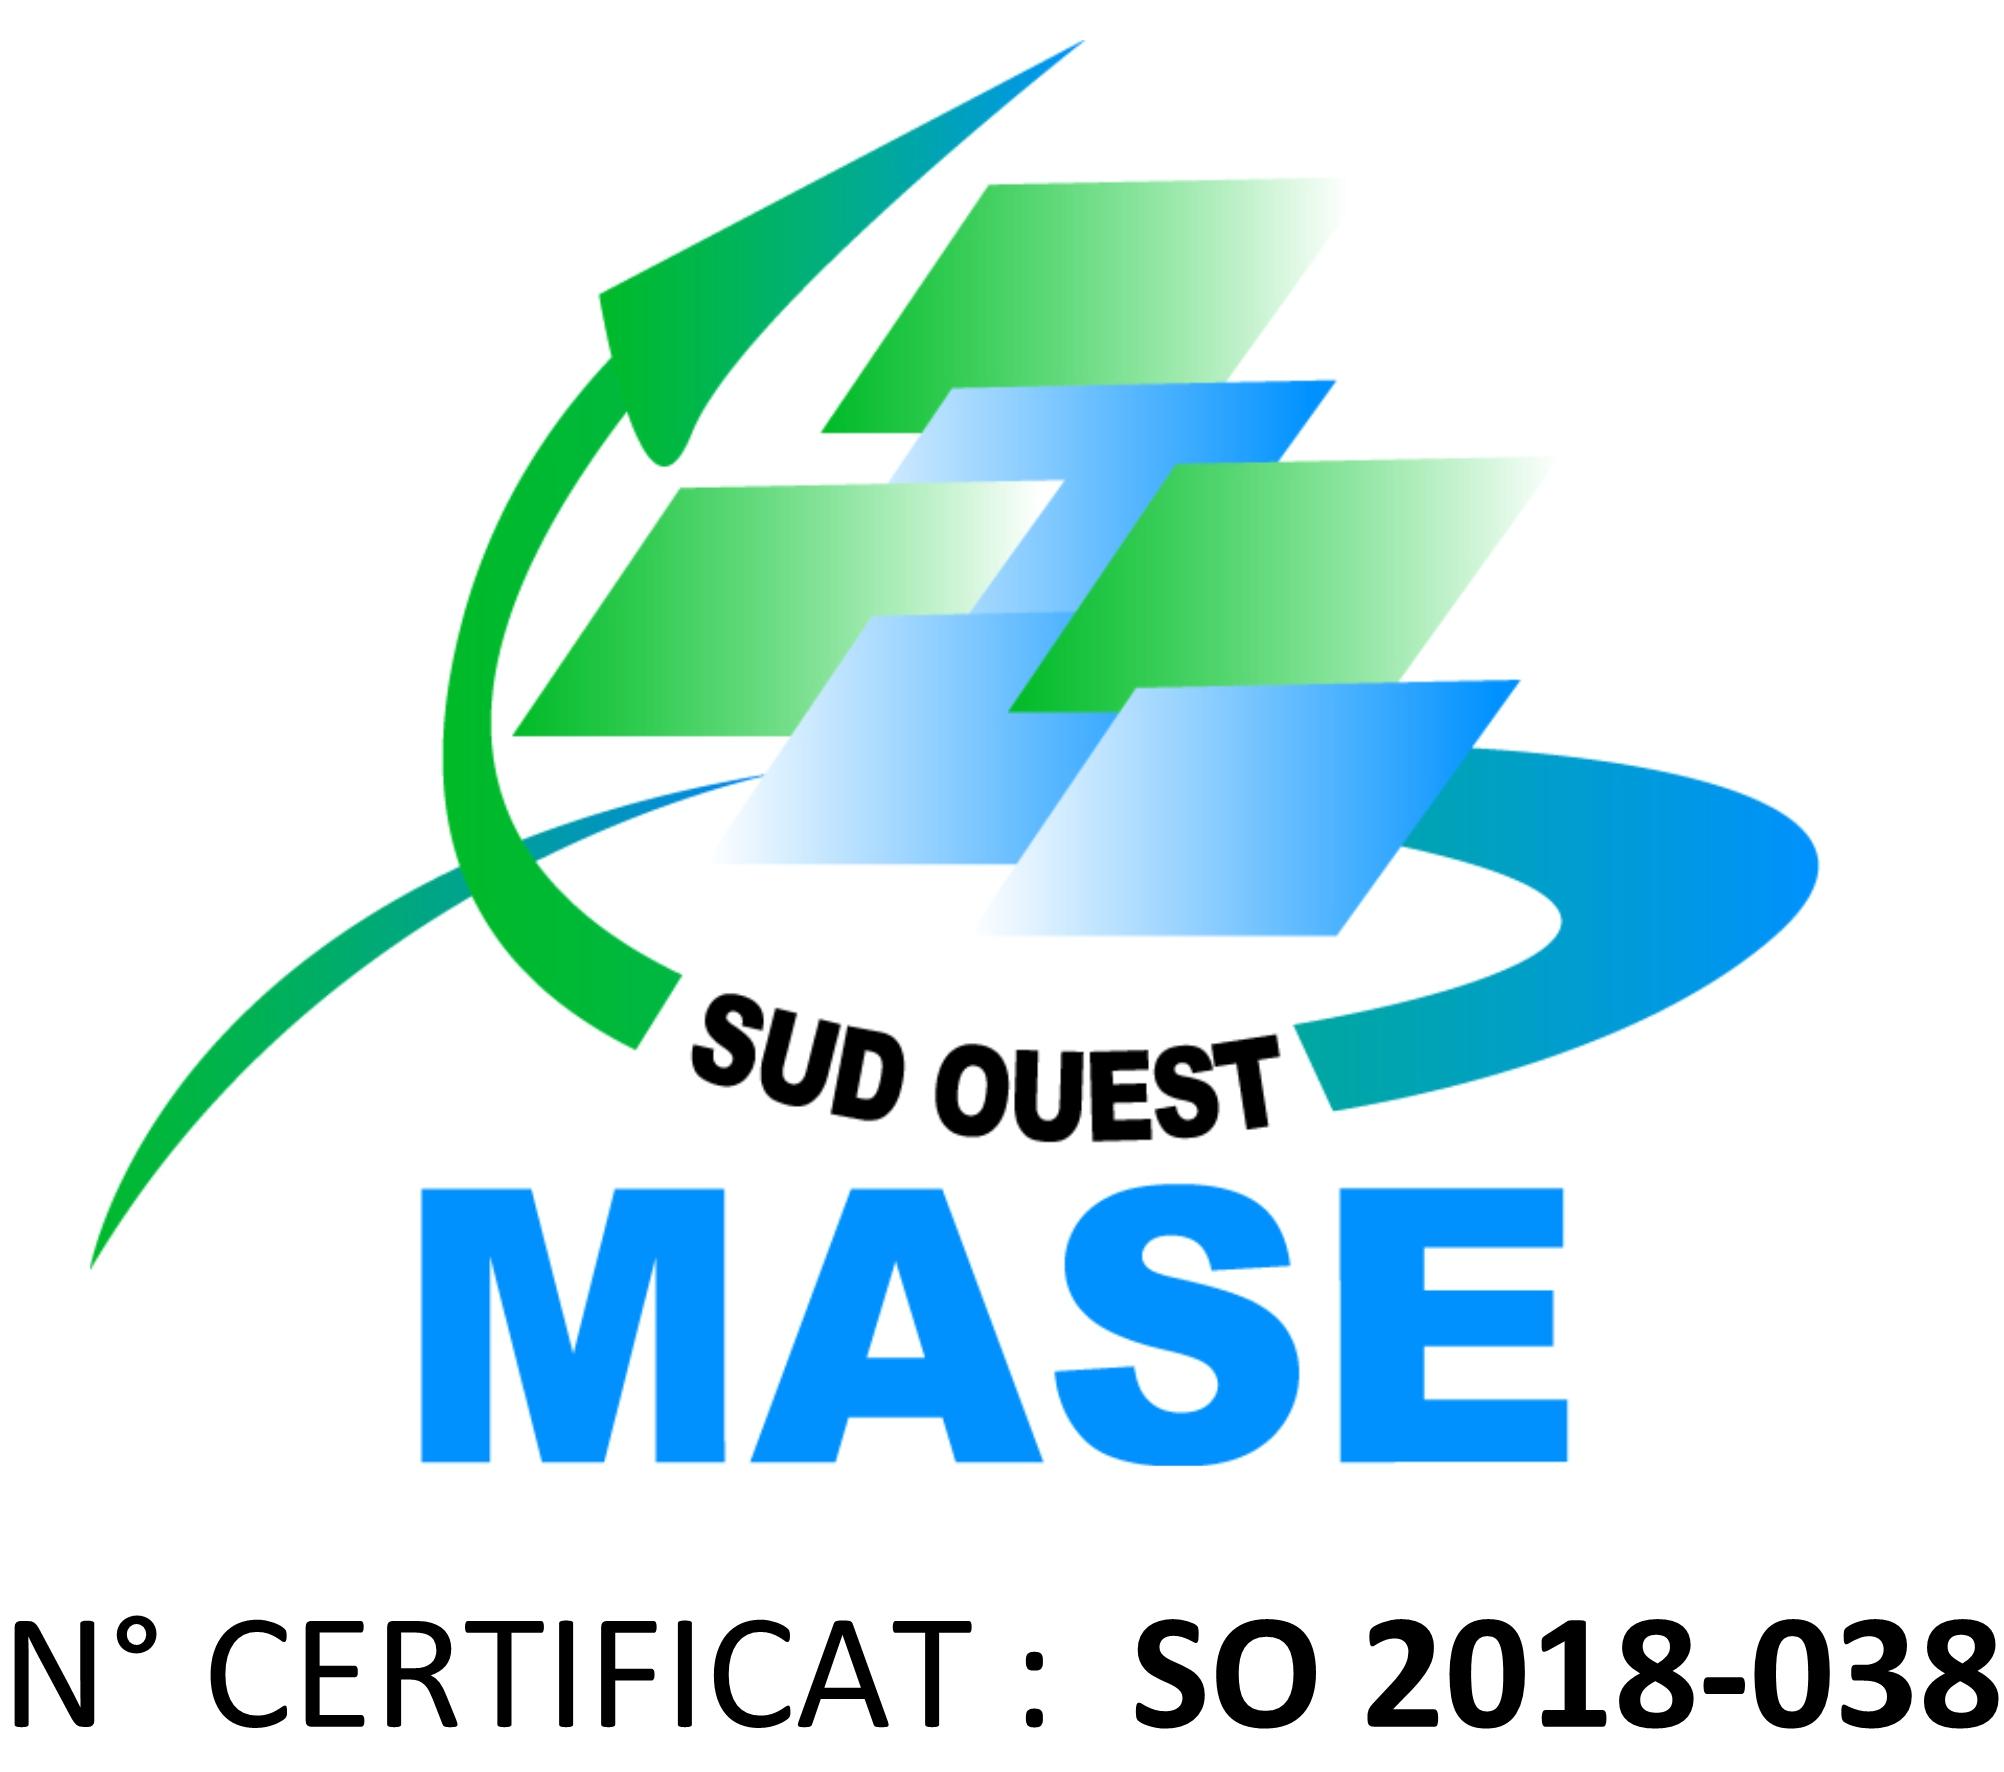 Renouvellement de la certification MASE pour 3 ans